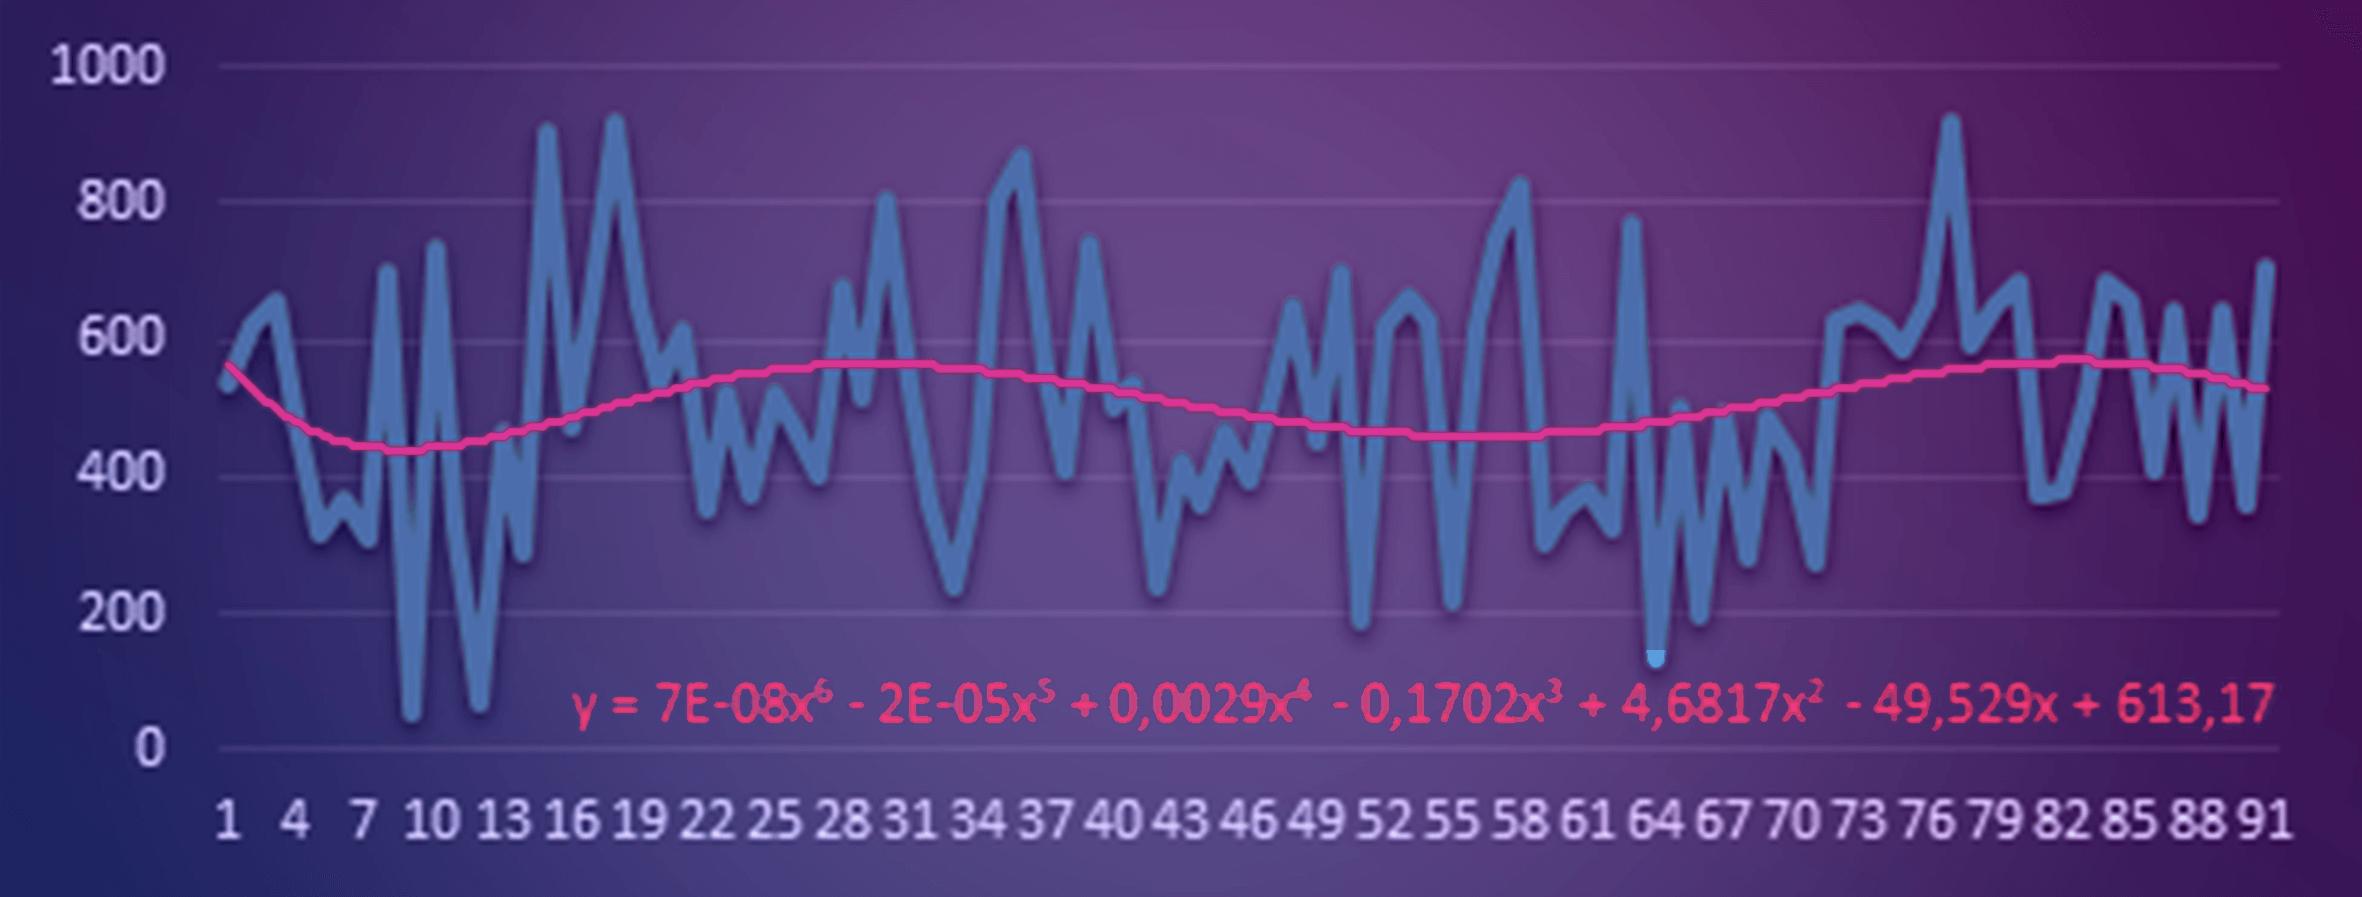 Polynom-Regression in Microsoft Excel